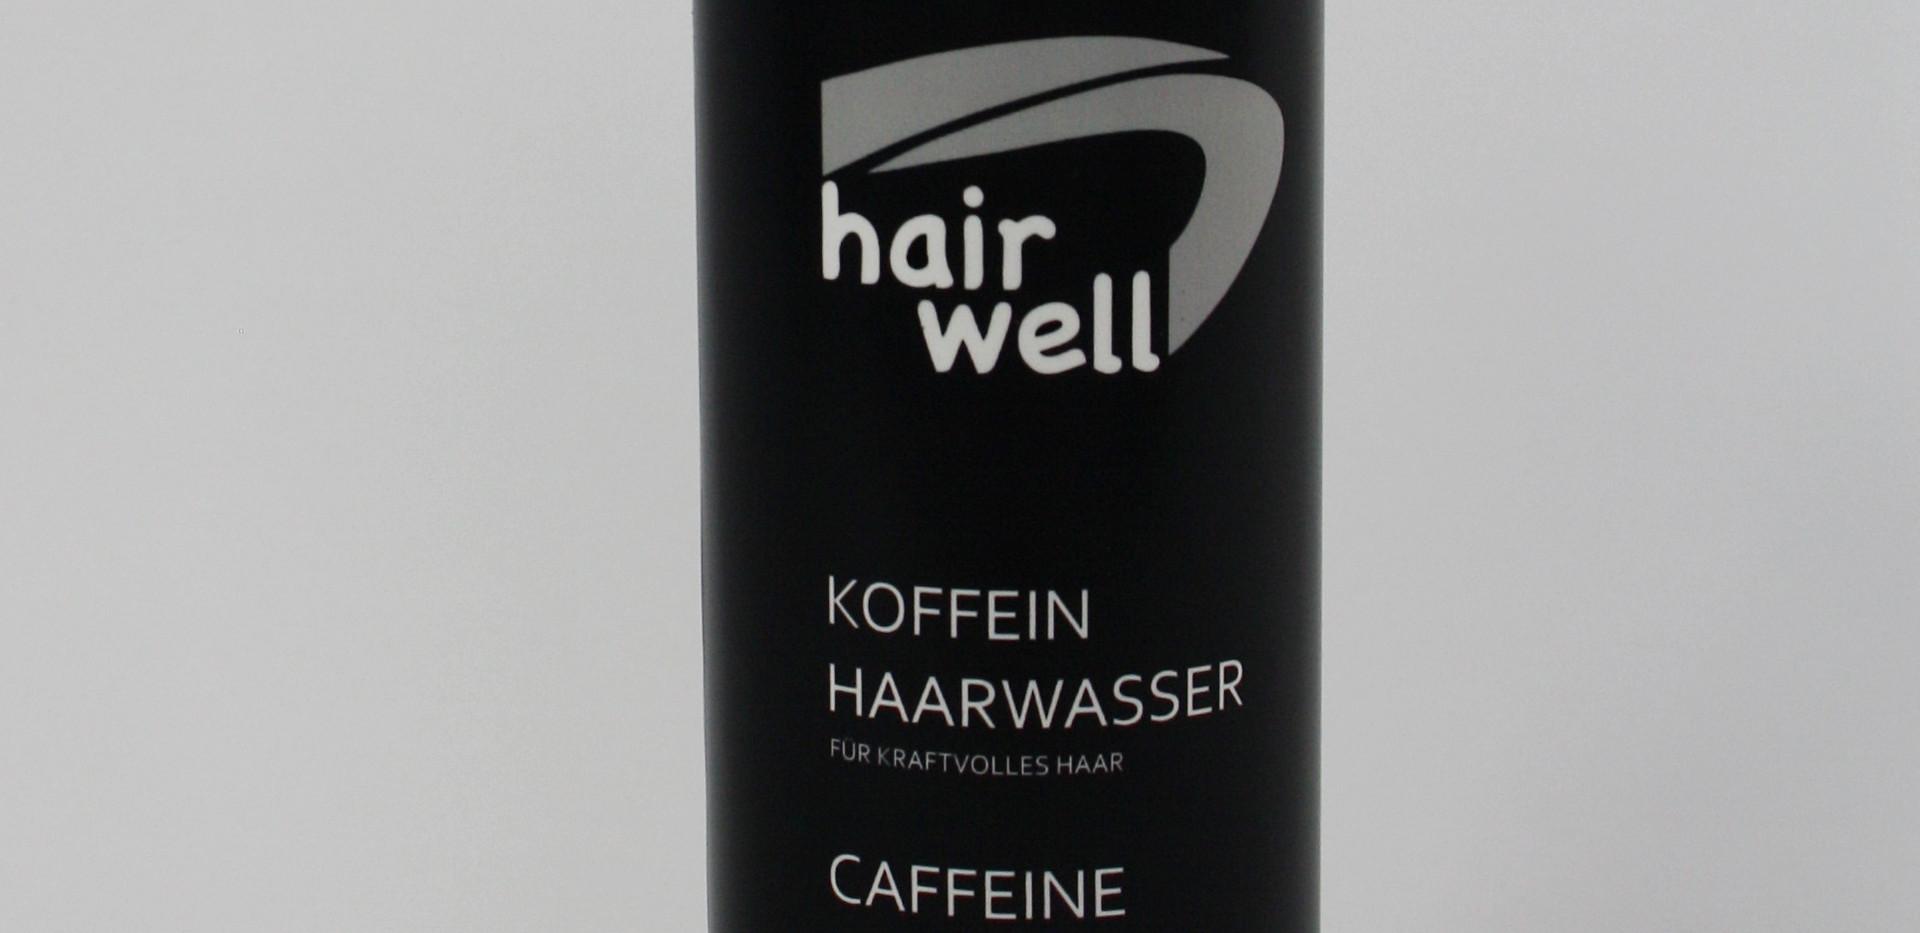 Koffein Haarwasser.JPG